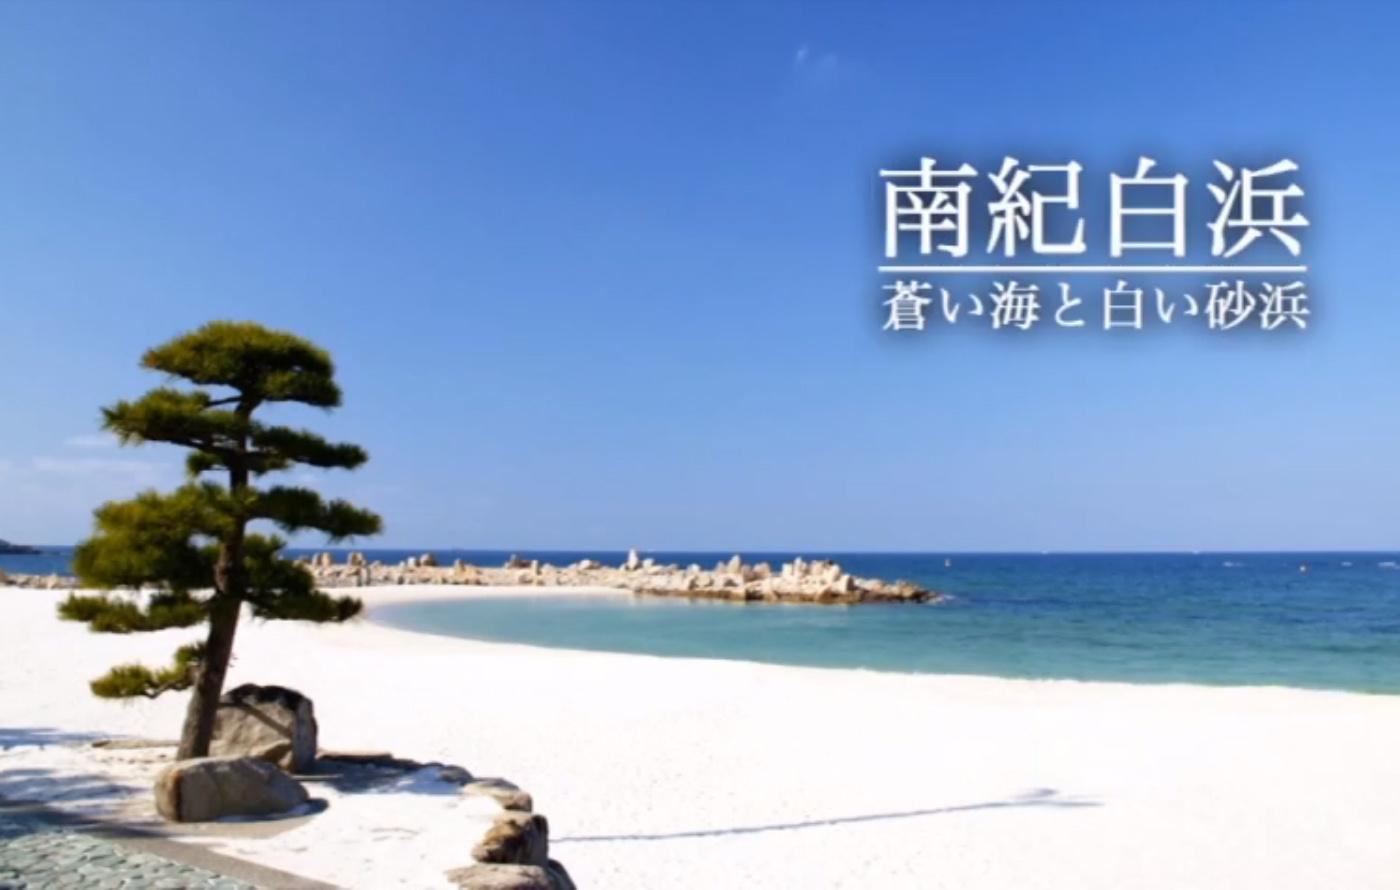 白浜やすらぎの宿泊り木動画1